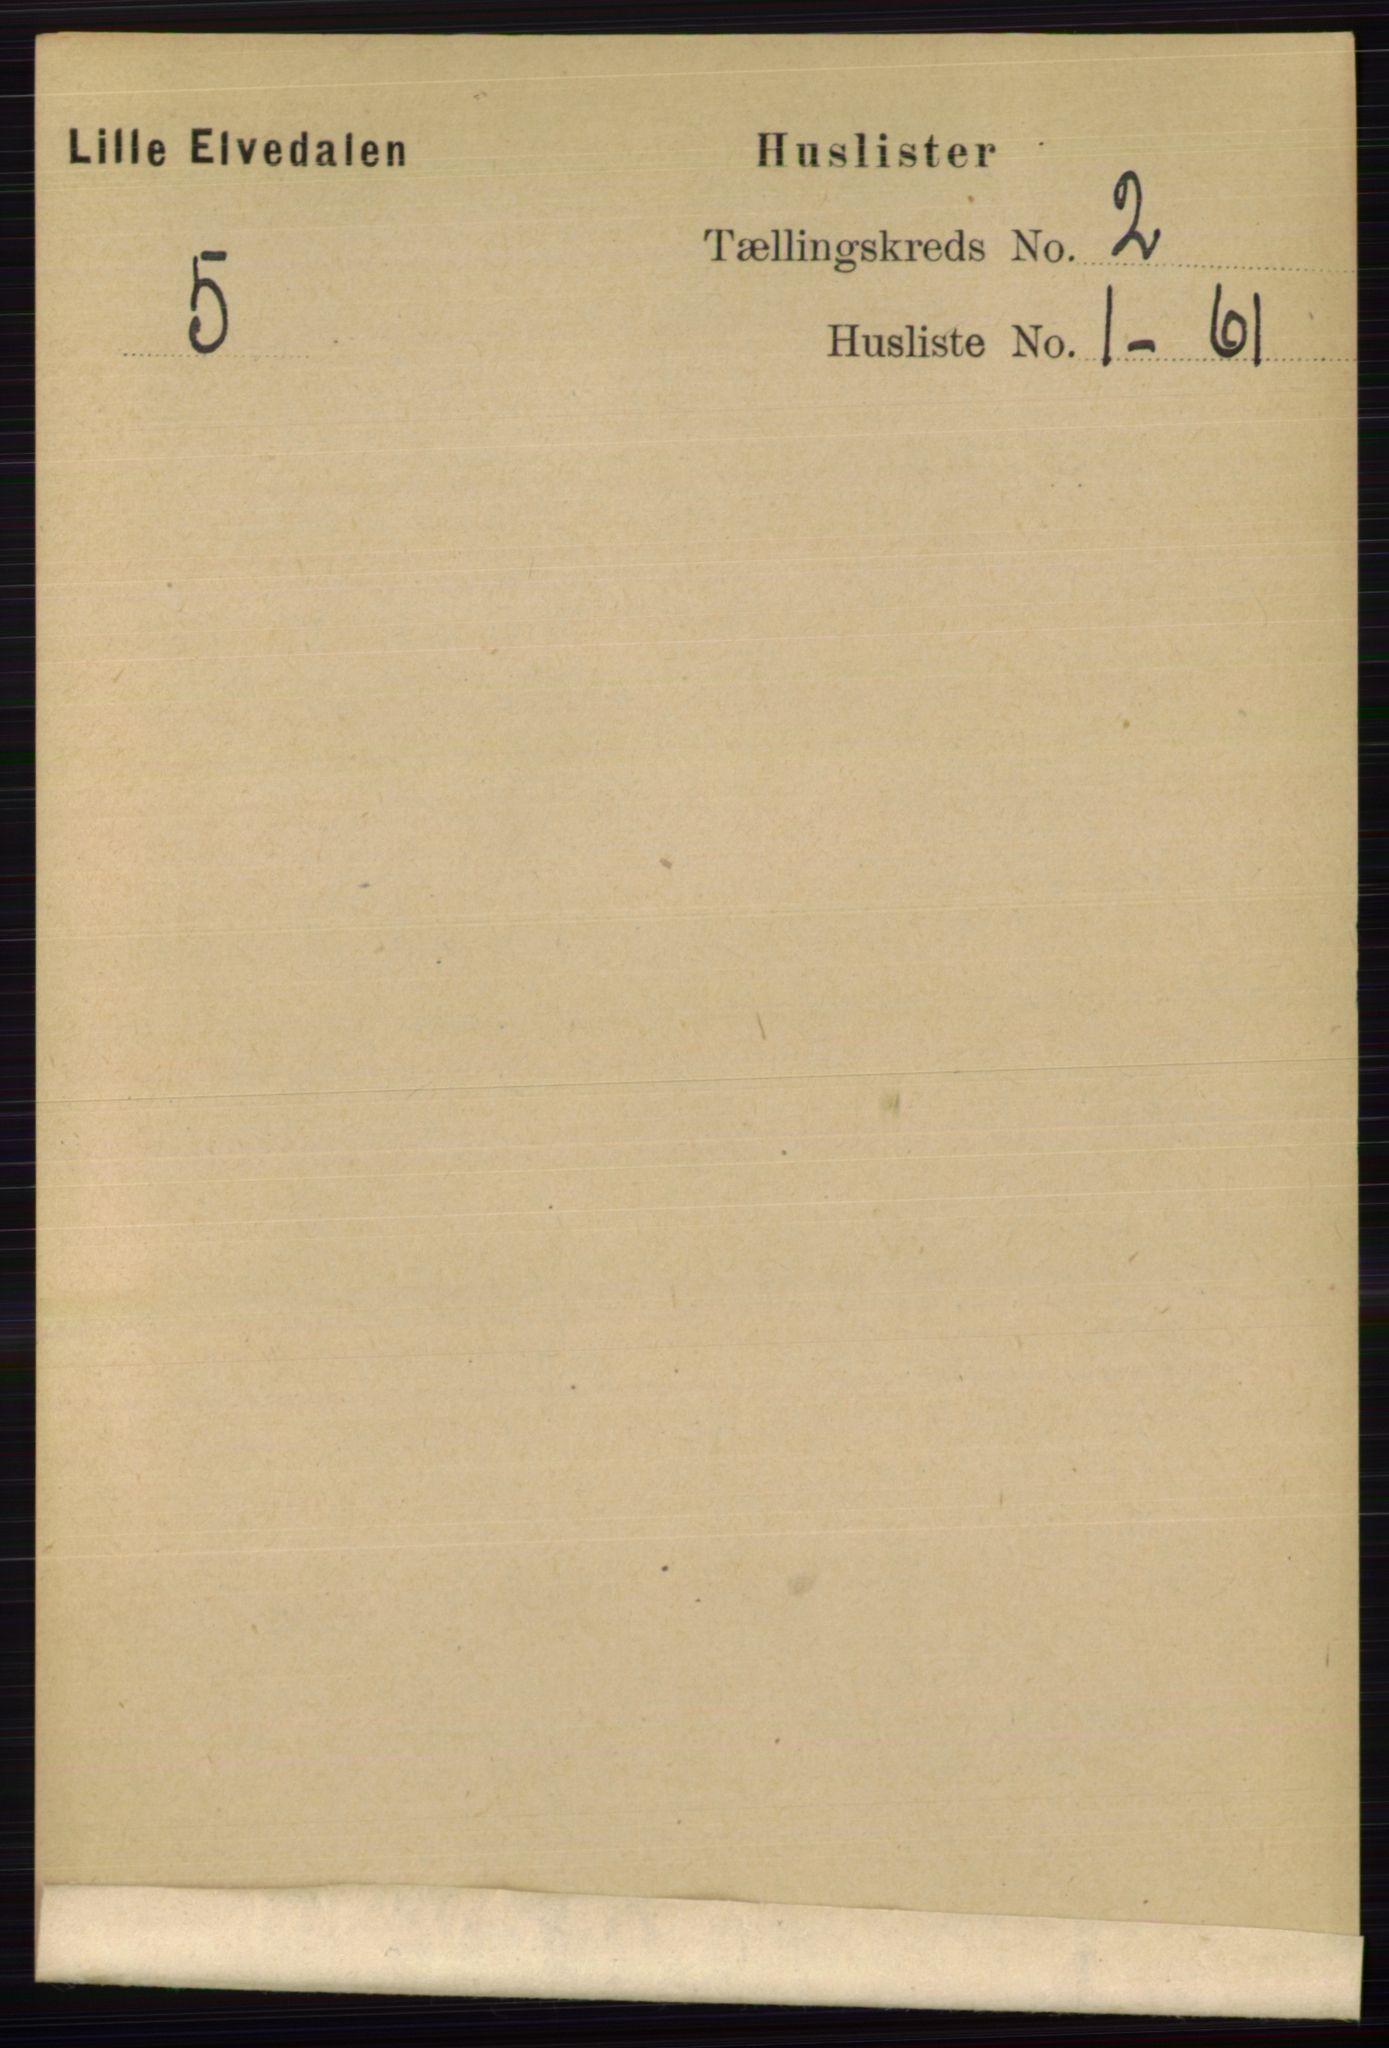 RA, Folketelling 1891 for 0438 Lille Elvedalen herred, 1891, s. 482